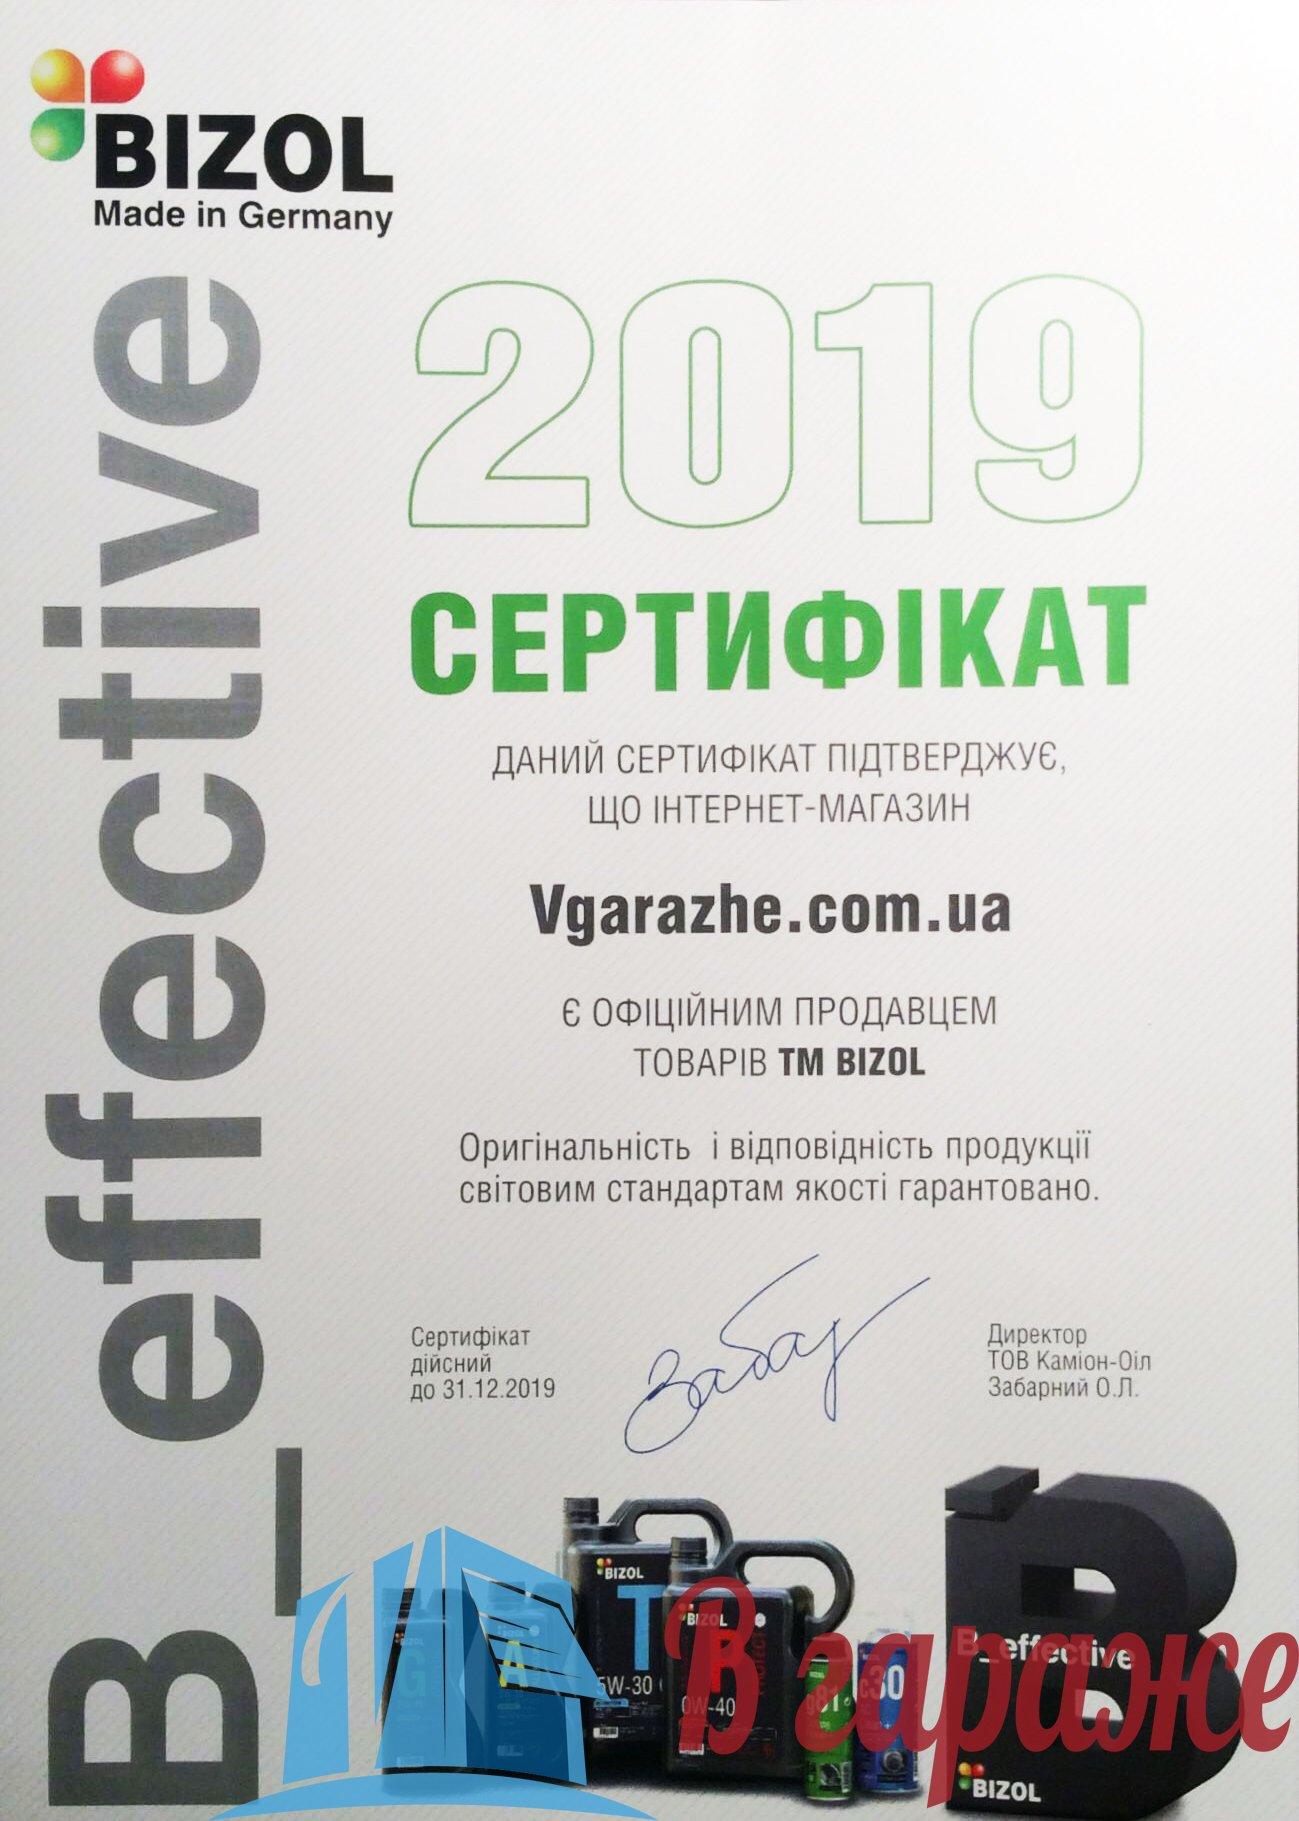 Сертификат Bizol интернет-магазин В Гараже